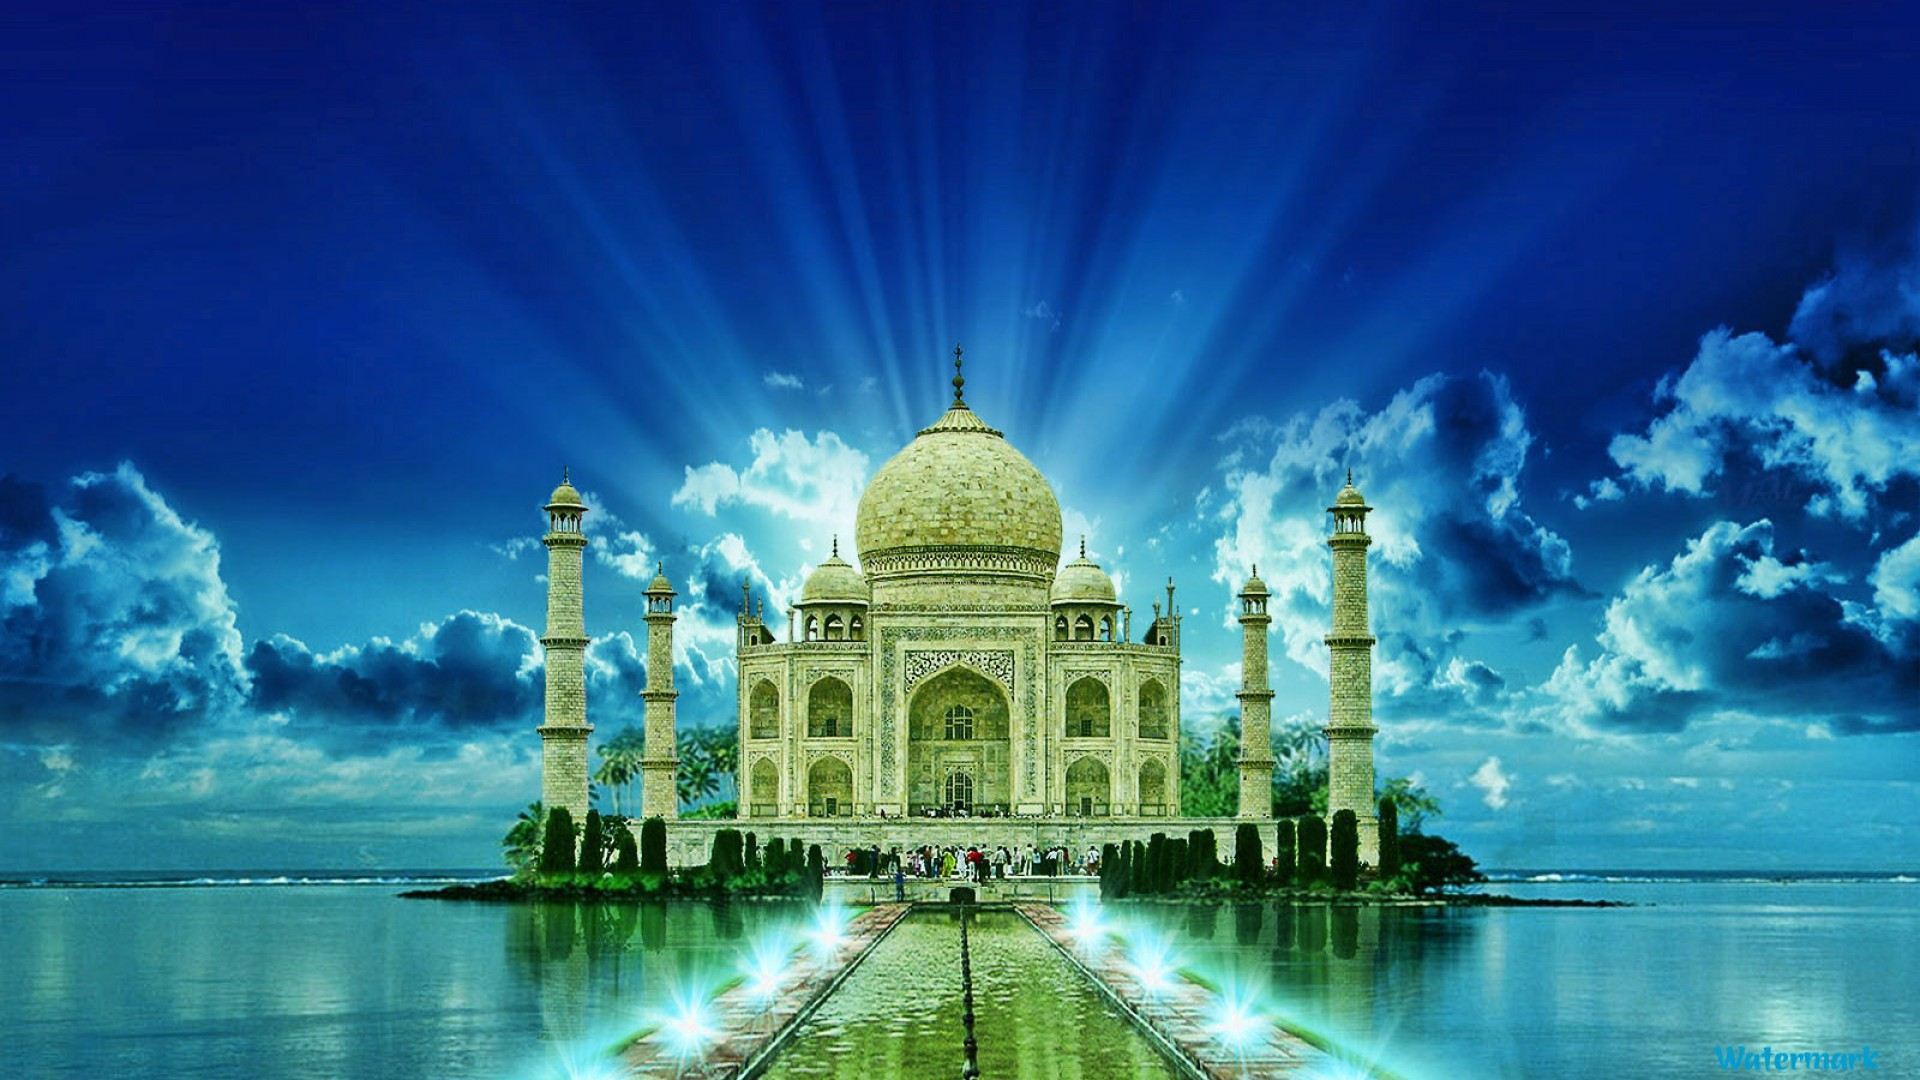 Taj Mahal High Res Image Free Download